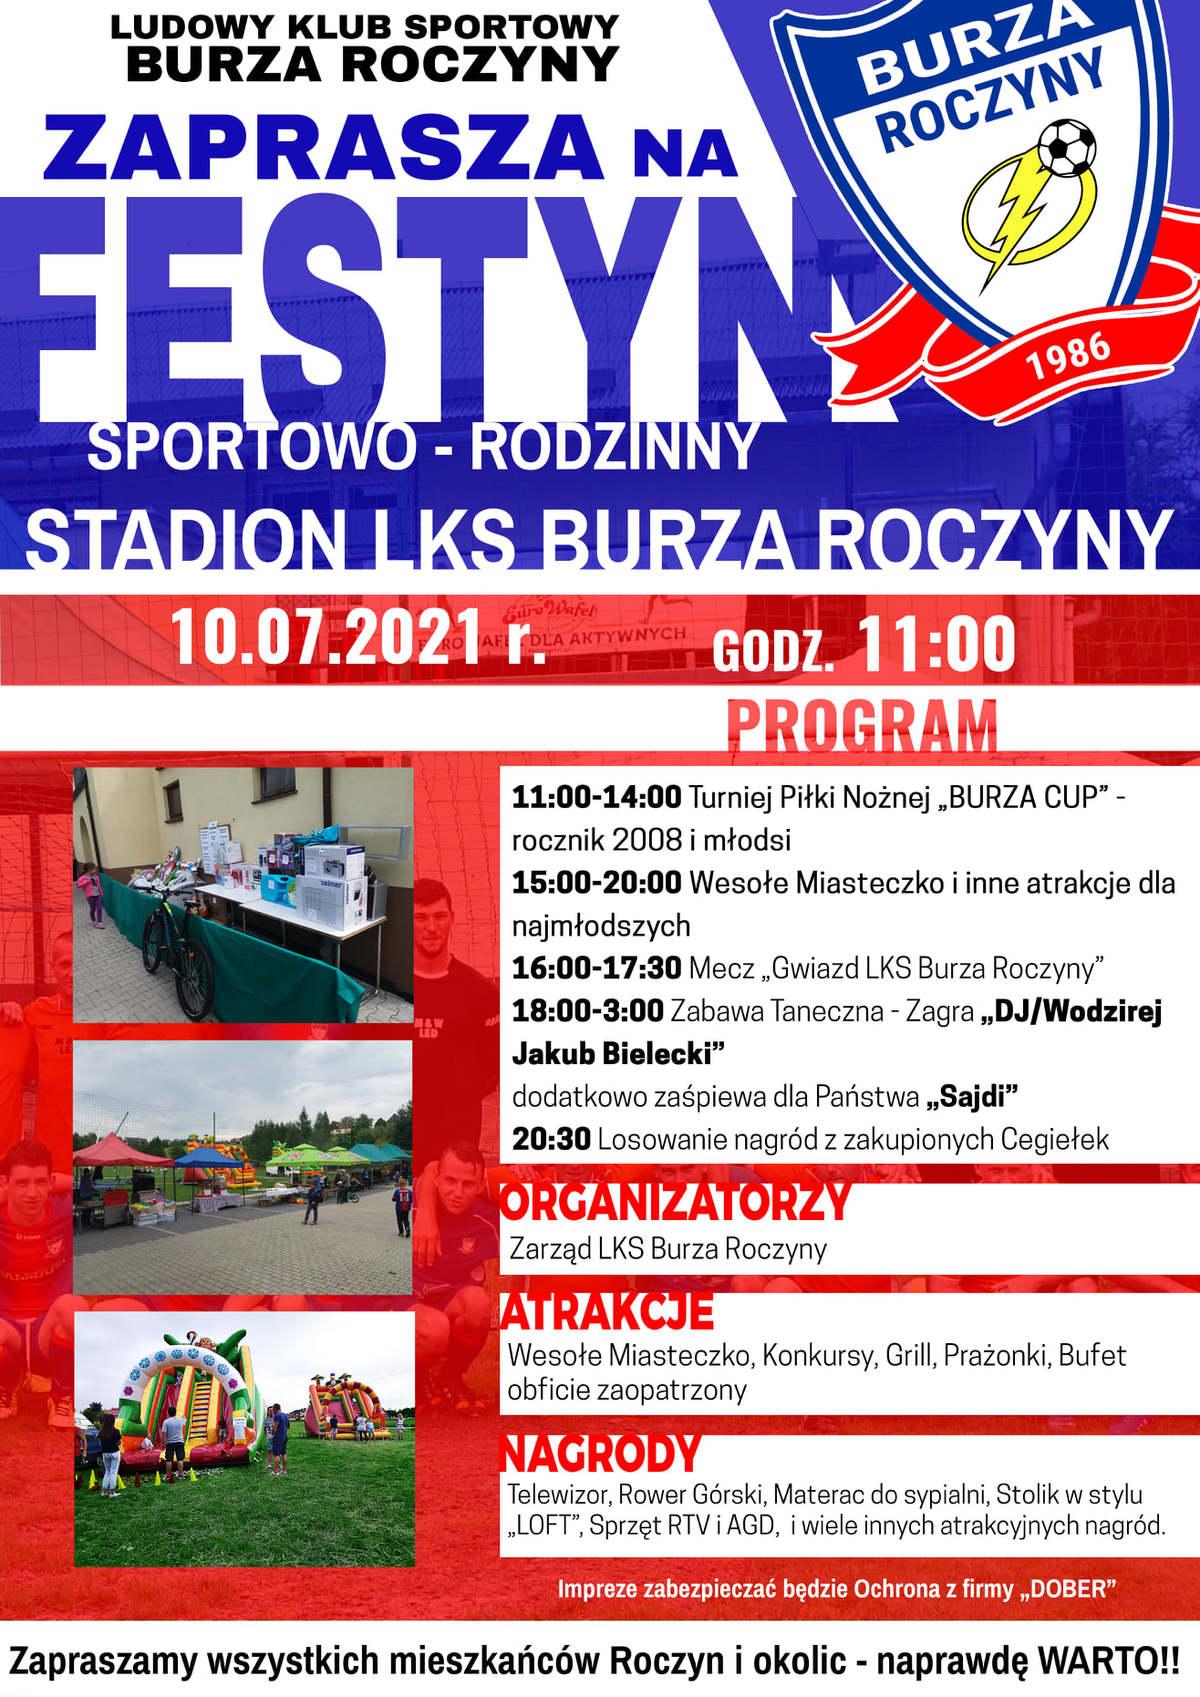 LKS Burza Roczyny zaprasza w sobotę na festyn